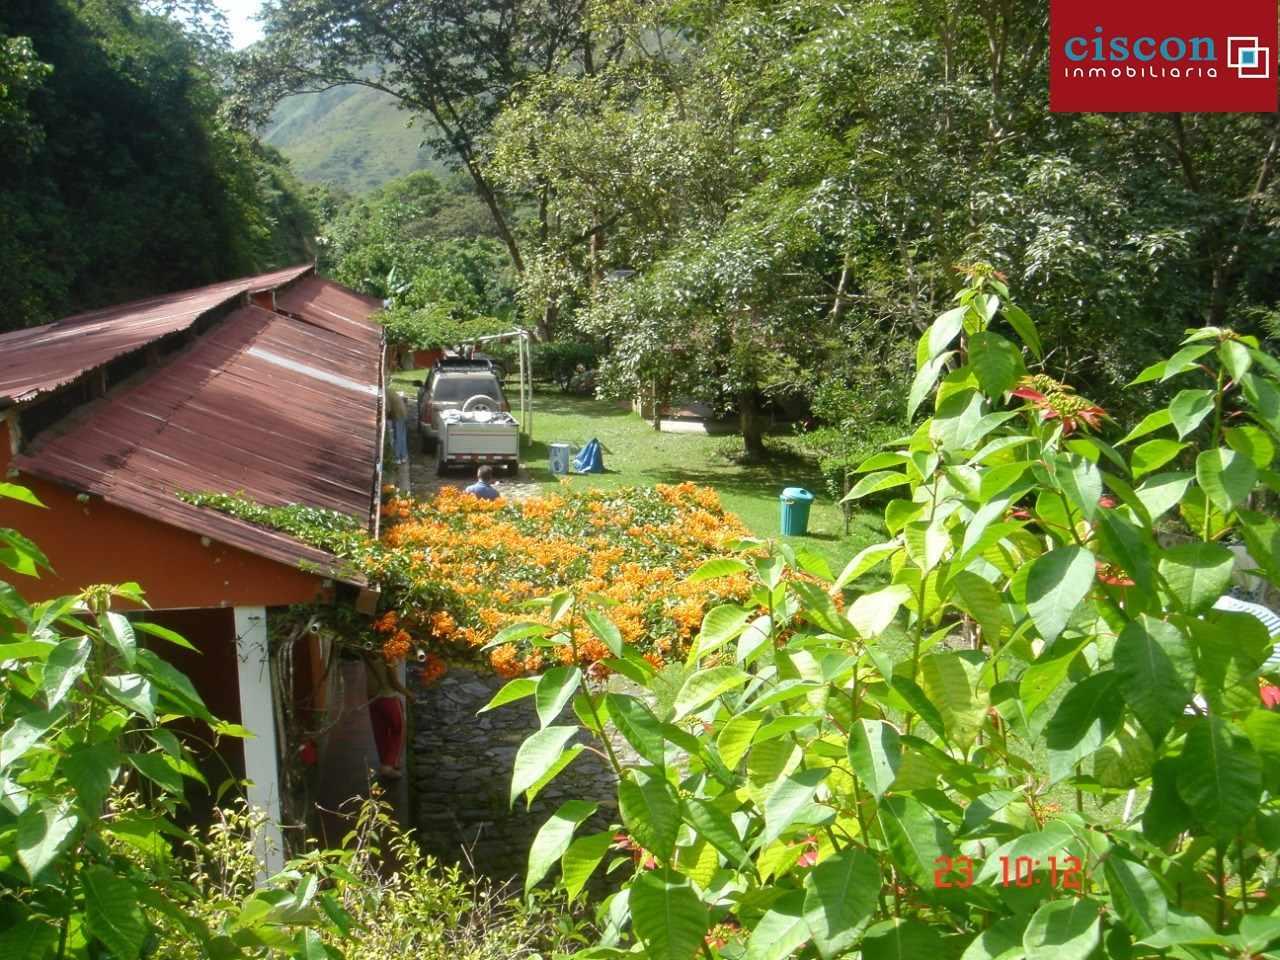 Casa en Venta Chulumani, a 15 minutos del pueblo. Foto 3